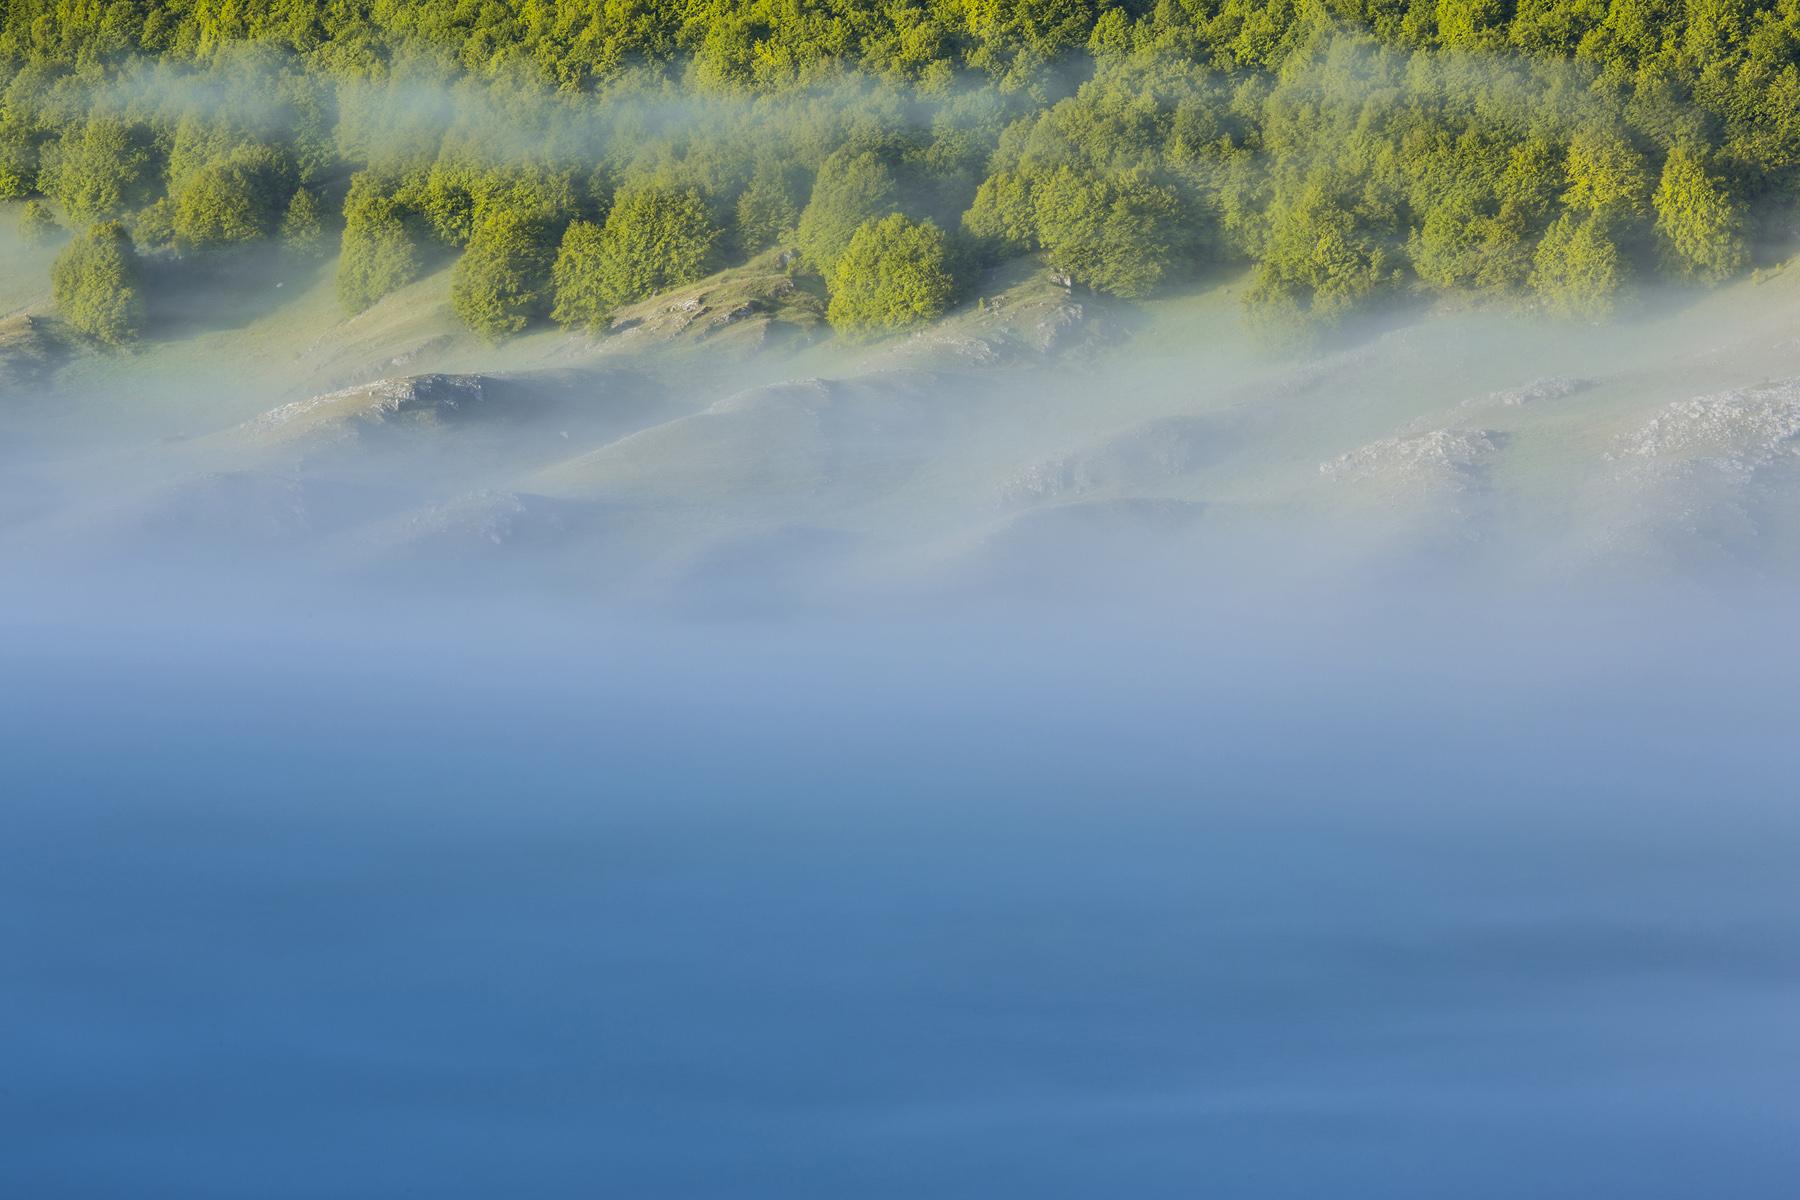 I primi raggi solari di un mattino di primavera dissipano la nebbia, mettendo in risalto una faggeta appenninica. Campo Felice, Abruzzo. 2014. DSLR, 70-200mm